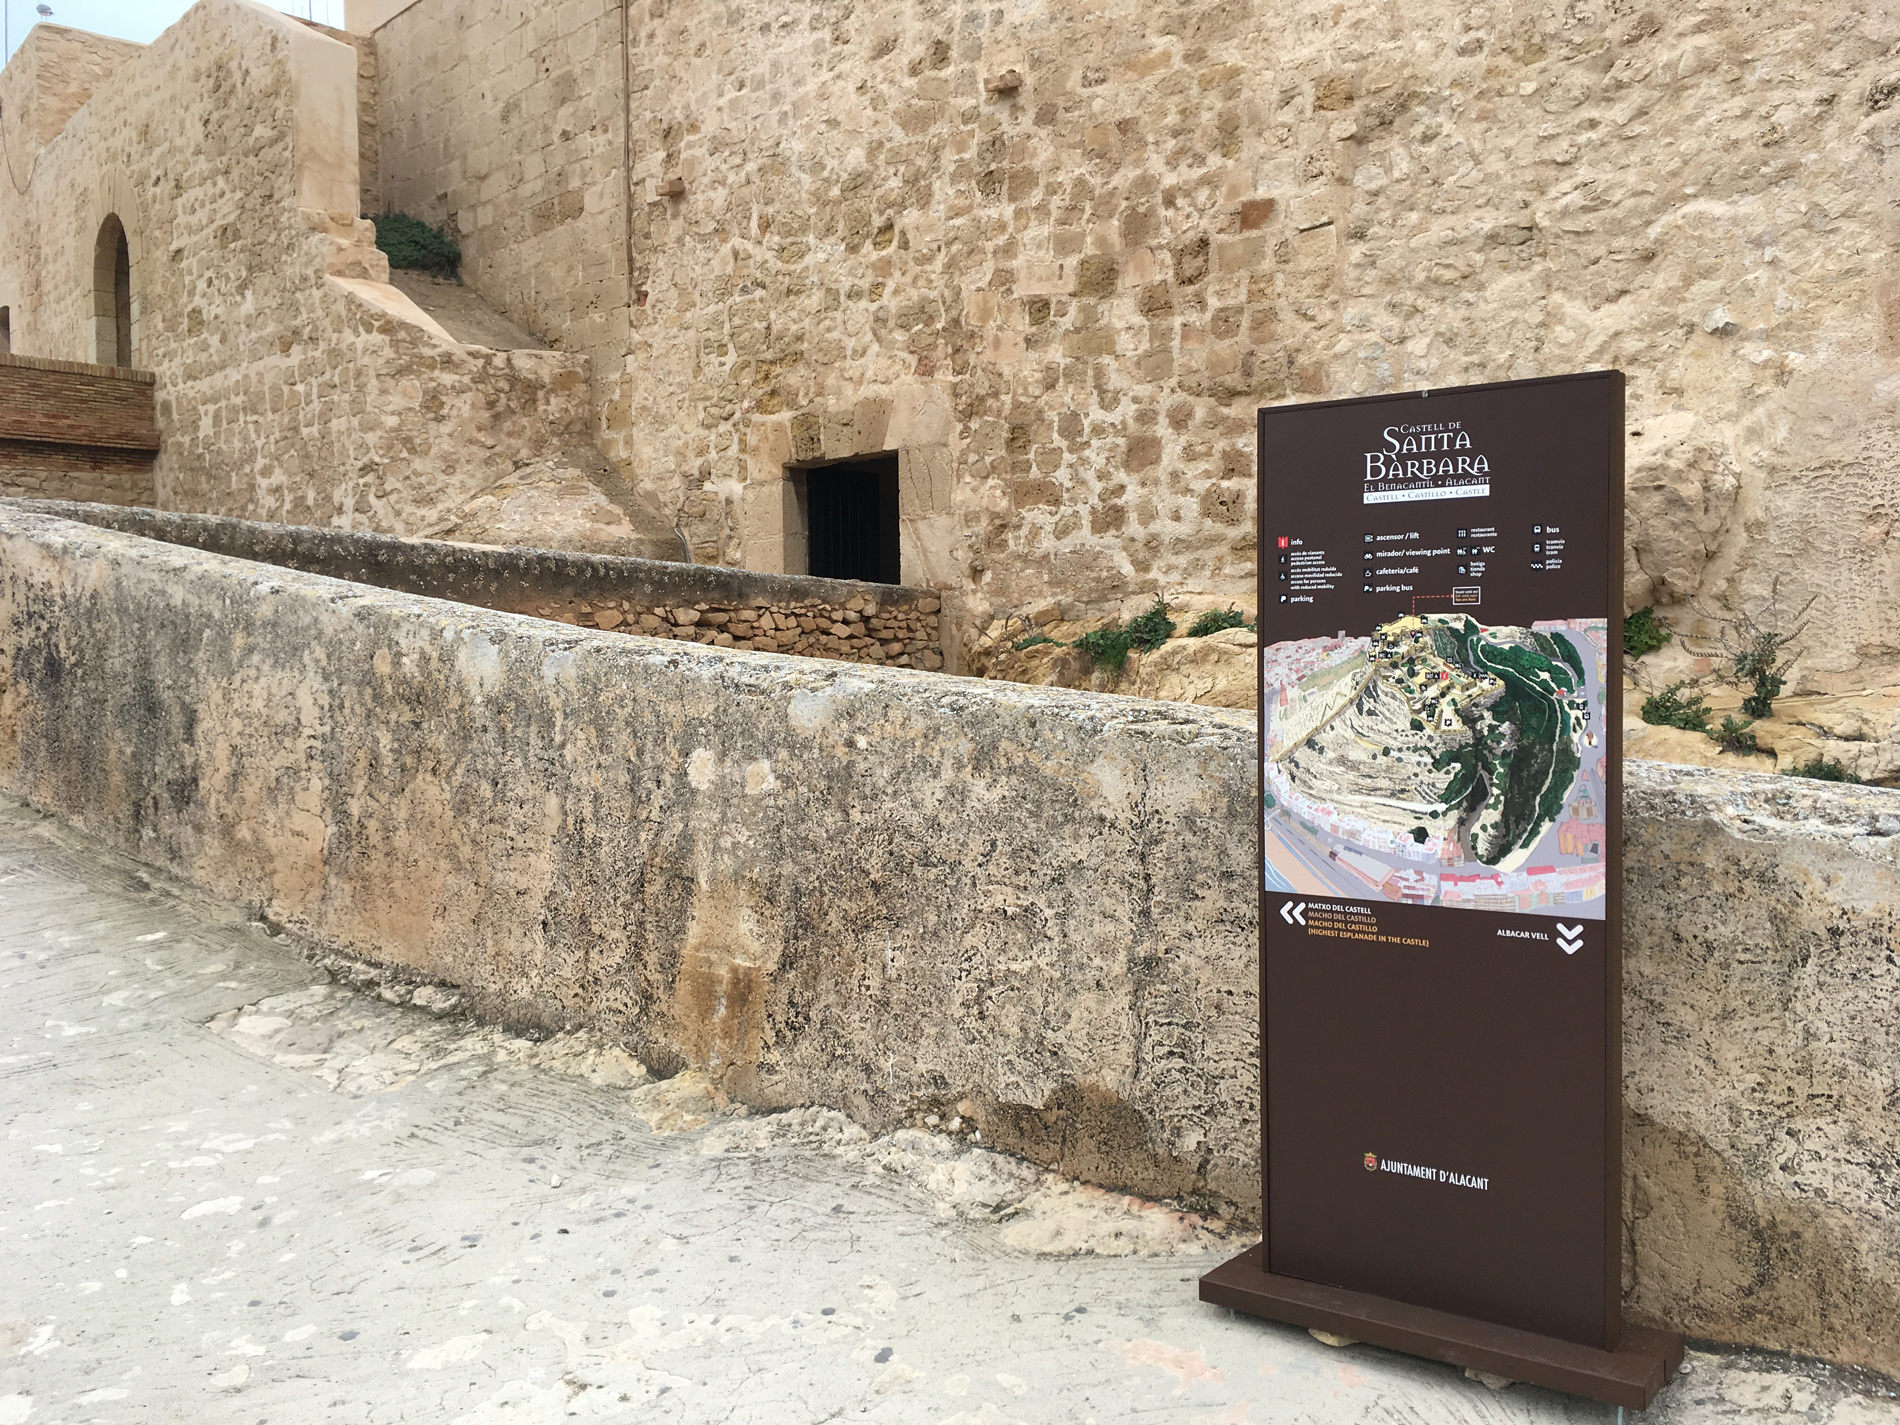 Totem de señaletica en el Castell de Santa Bárbara